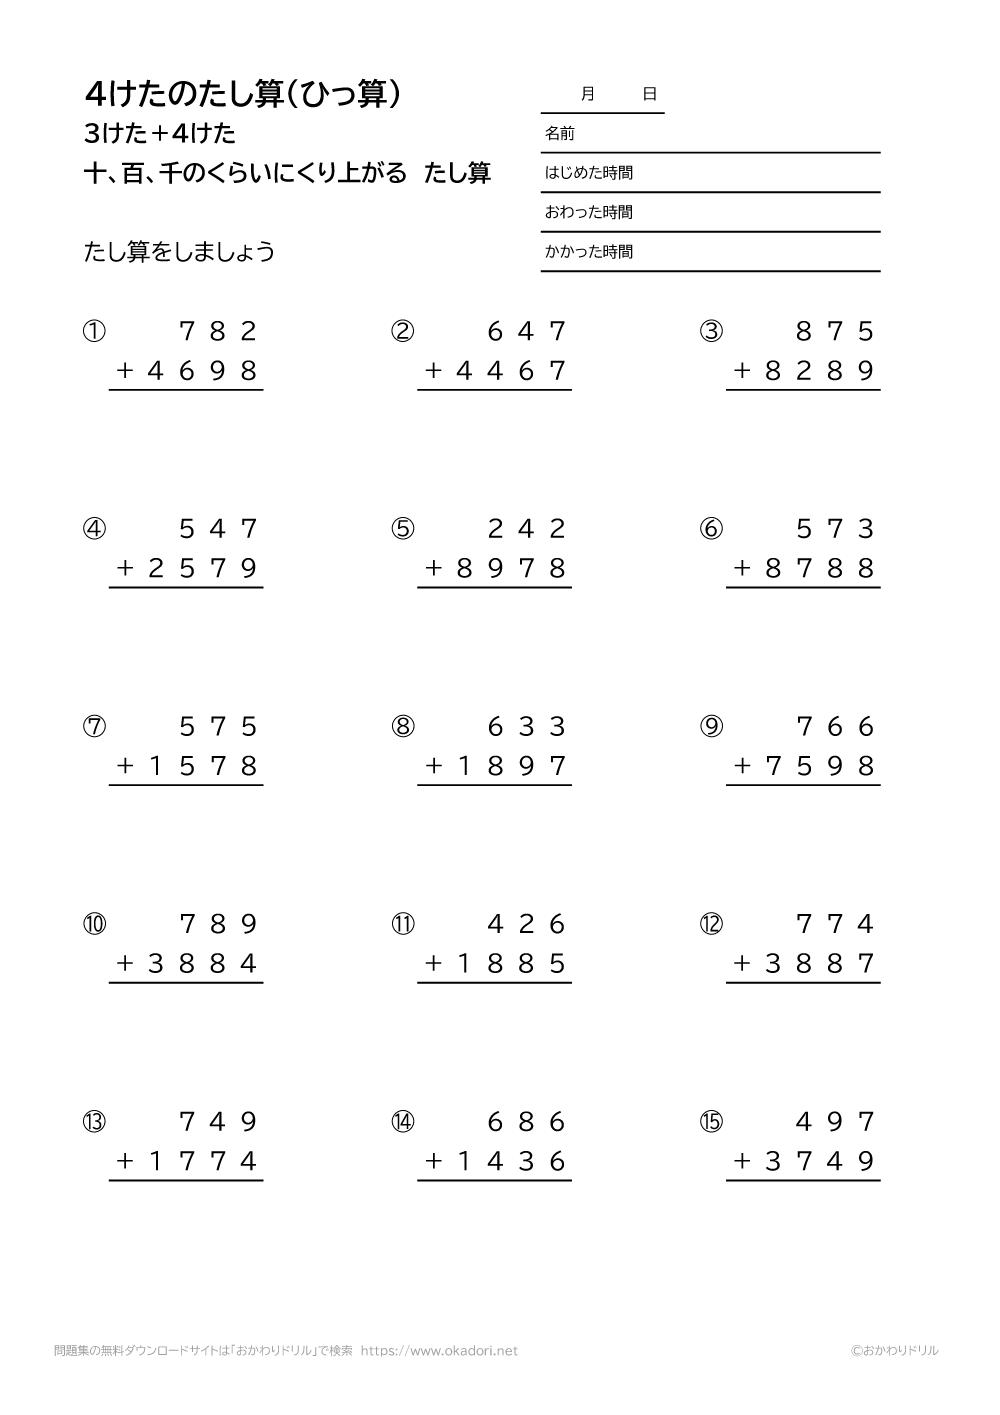 3桁+4桁の十、百、千の位に繰り上がる足し算の筆算3